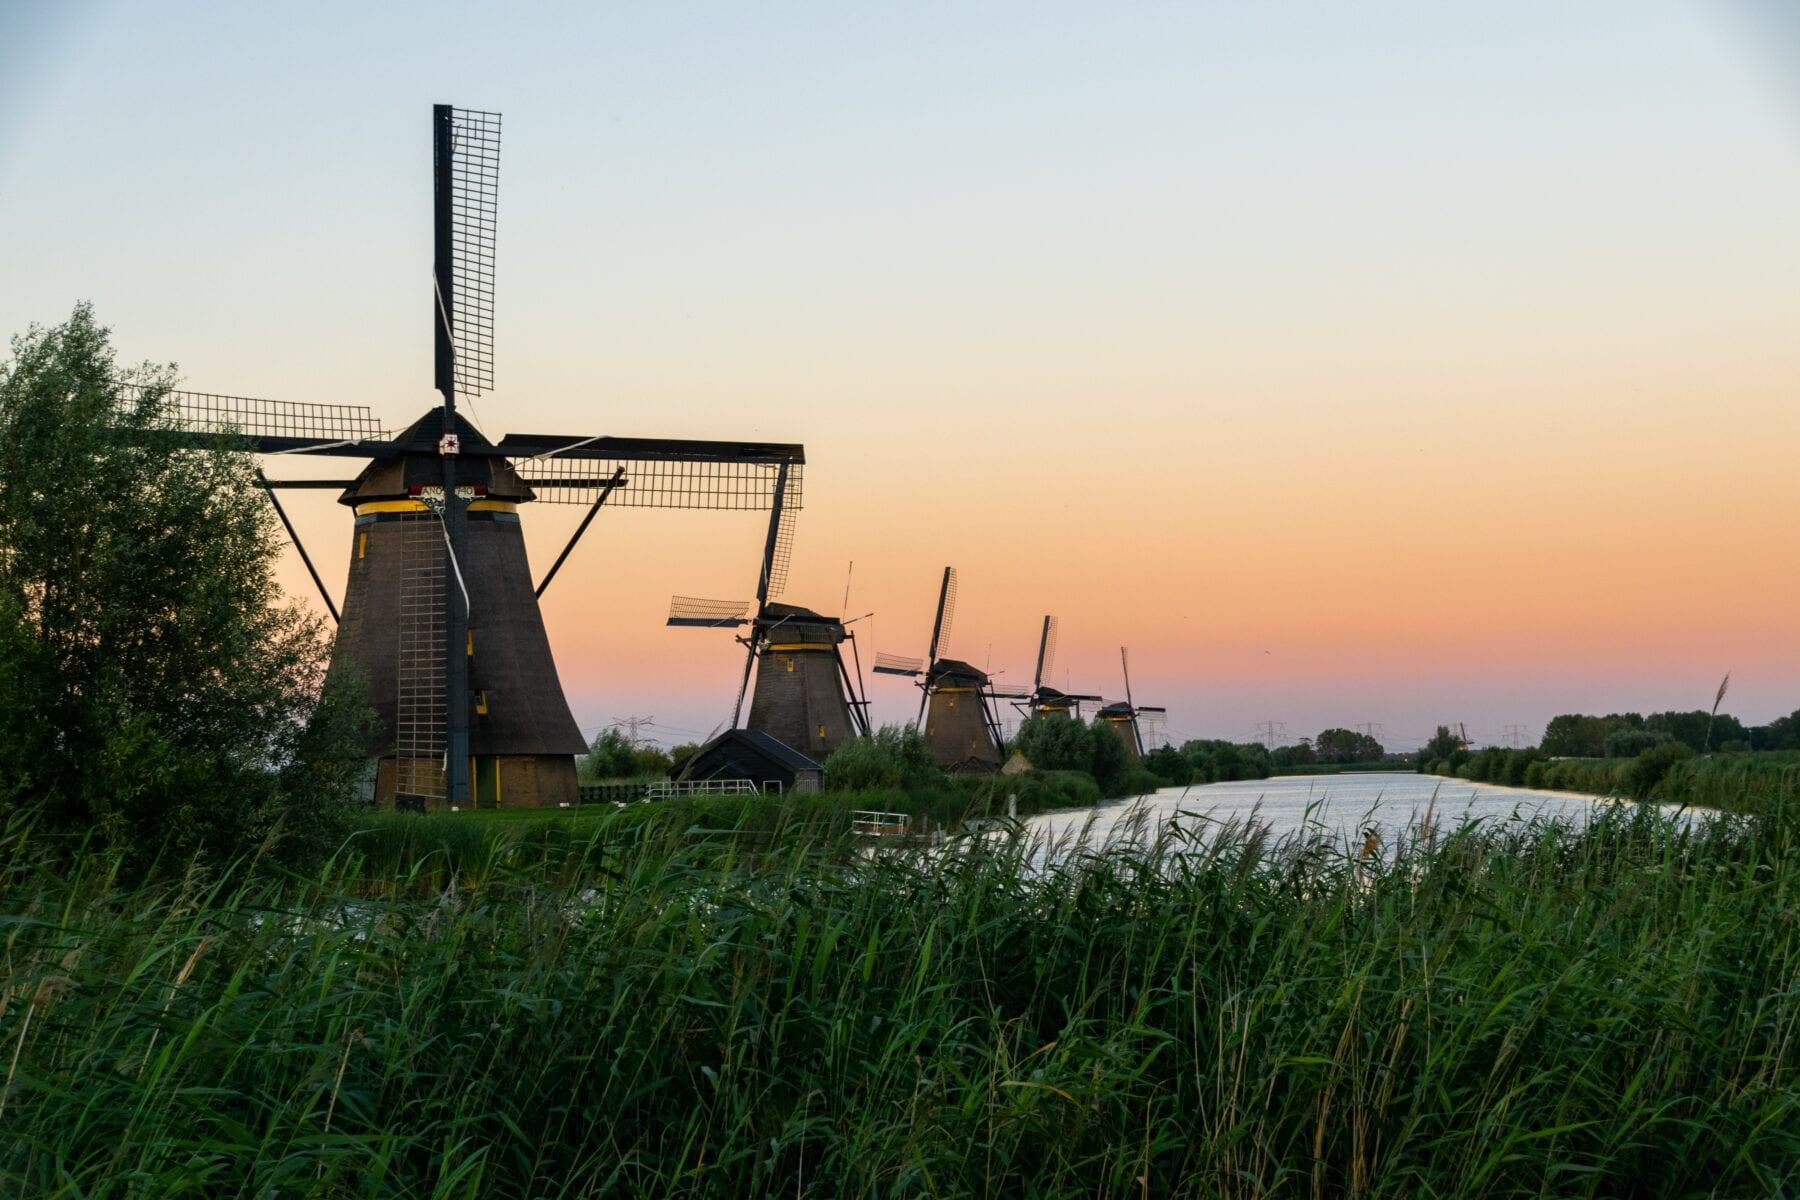 LAW Nederland Floris V-pad Kinderdijk